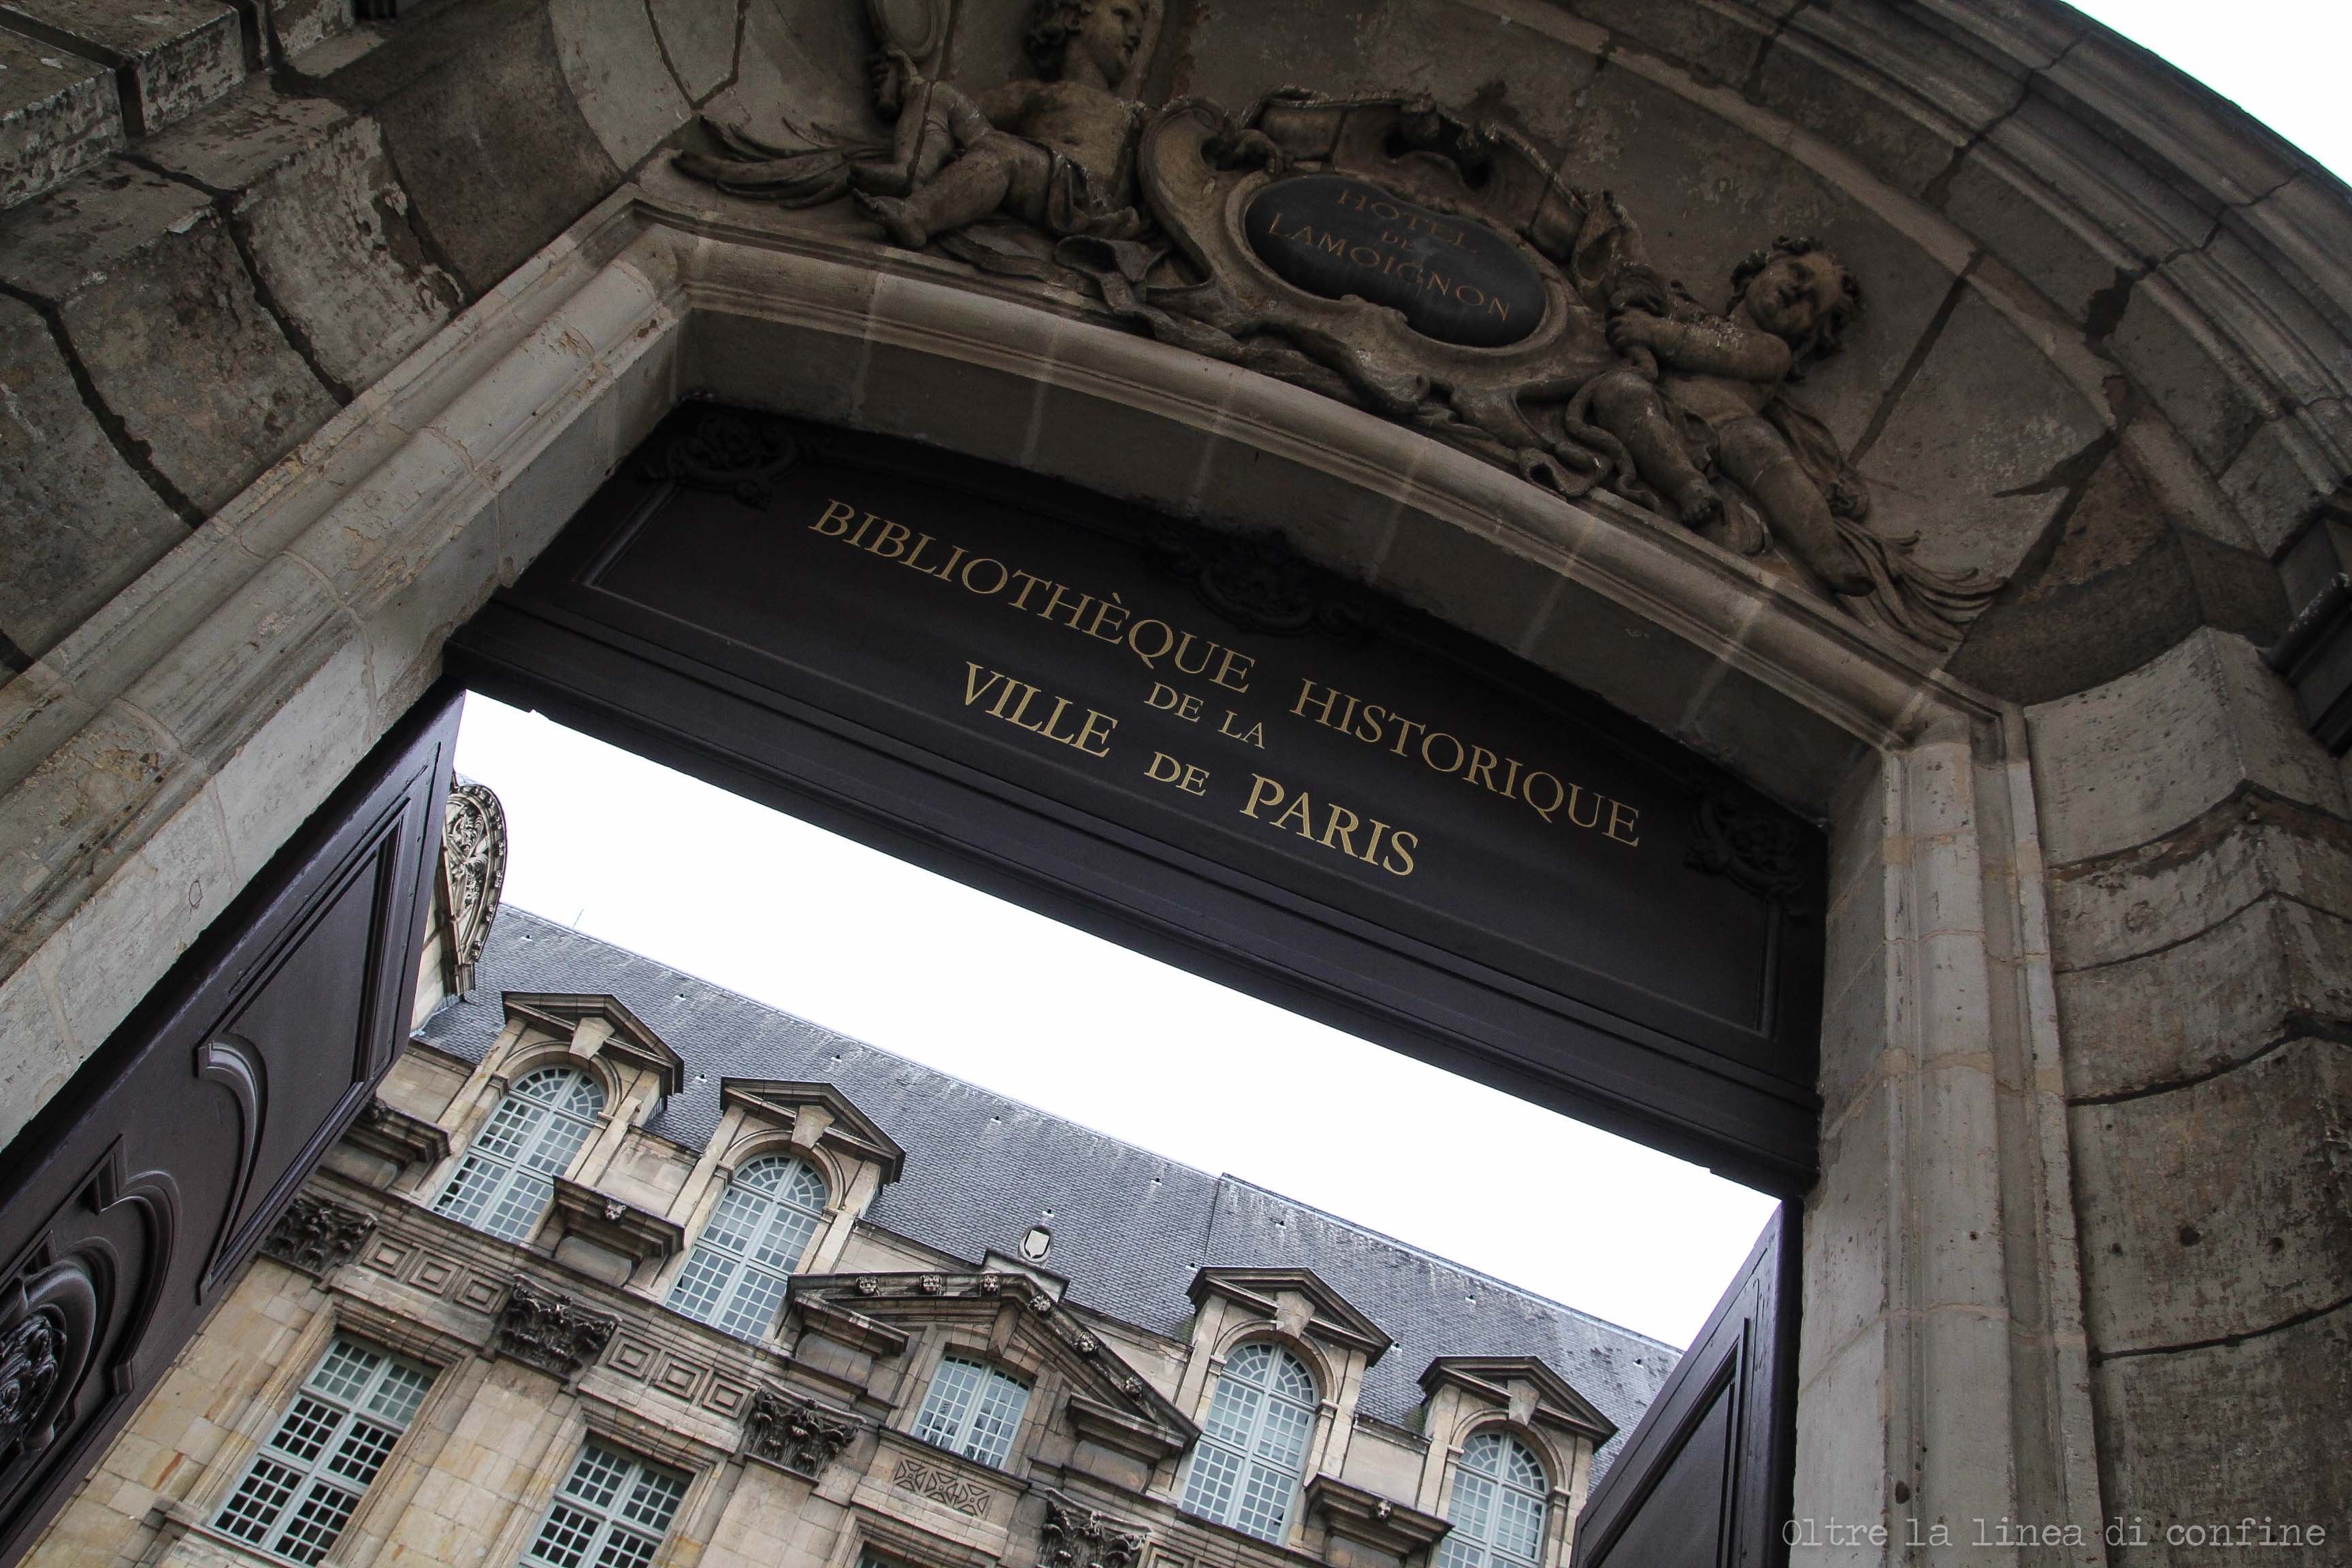 Parigi Biblioteca Storica Marais